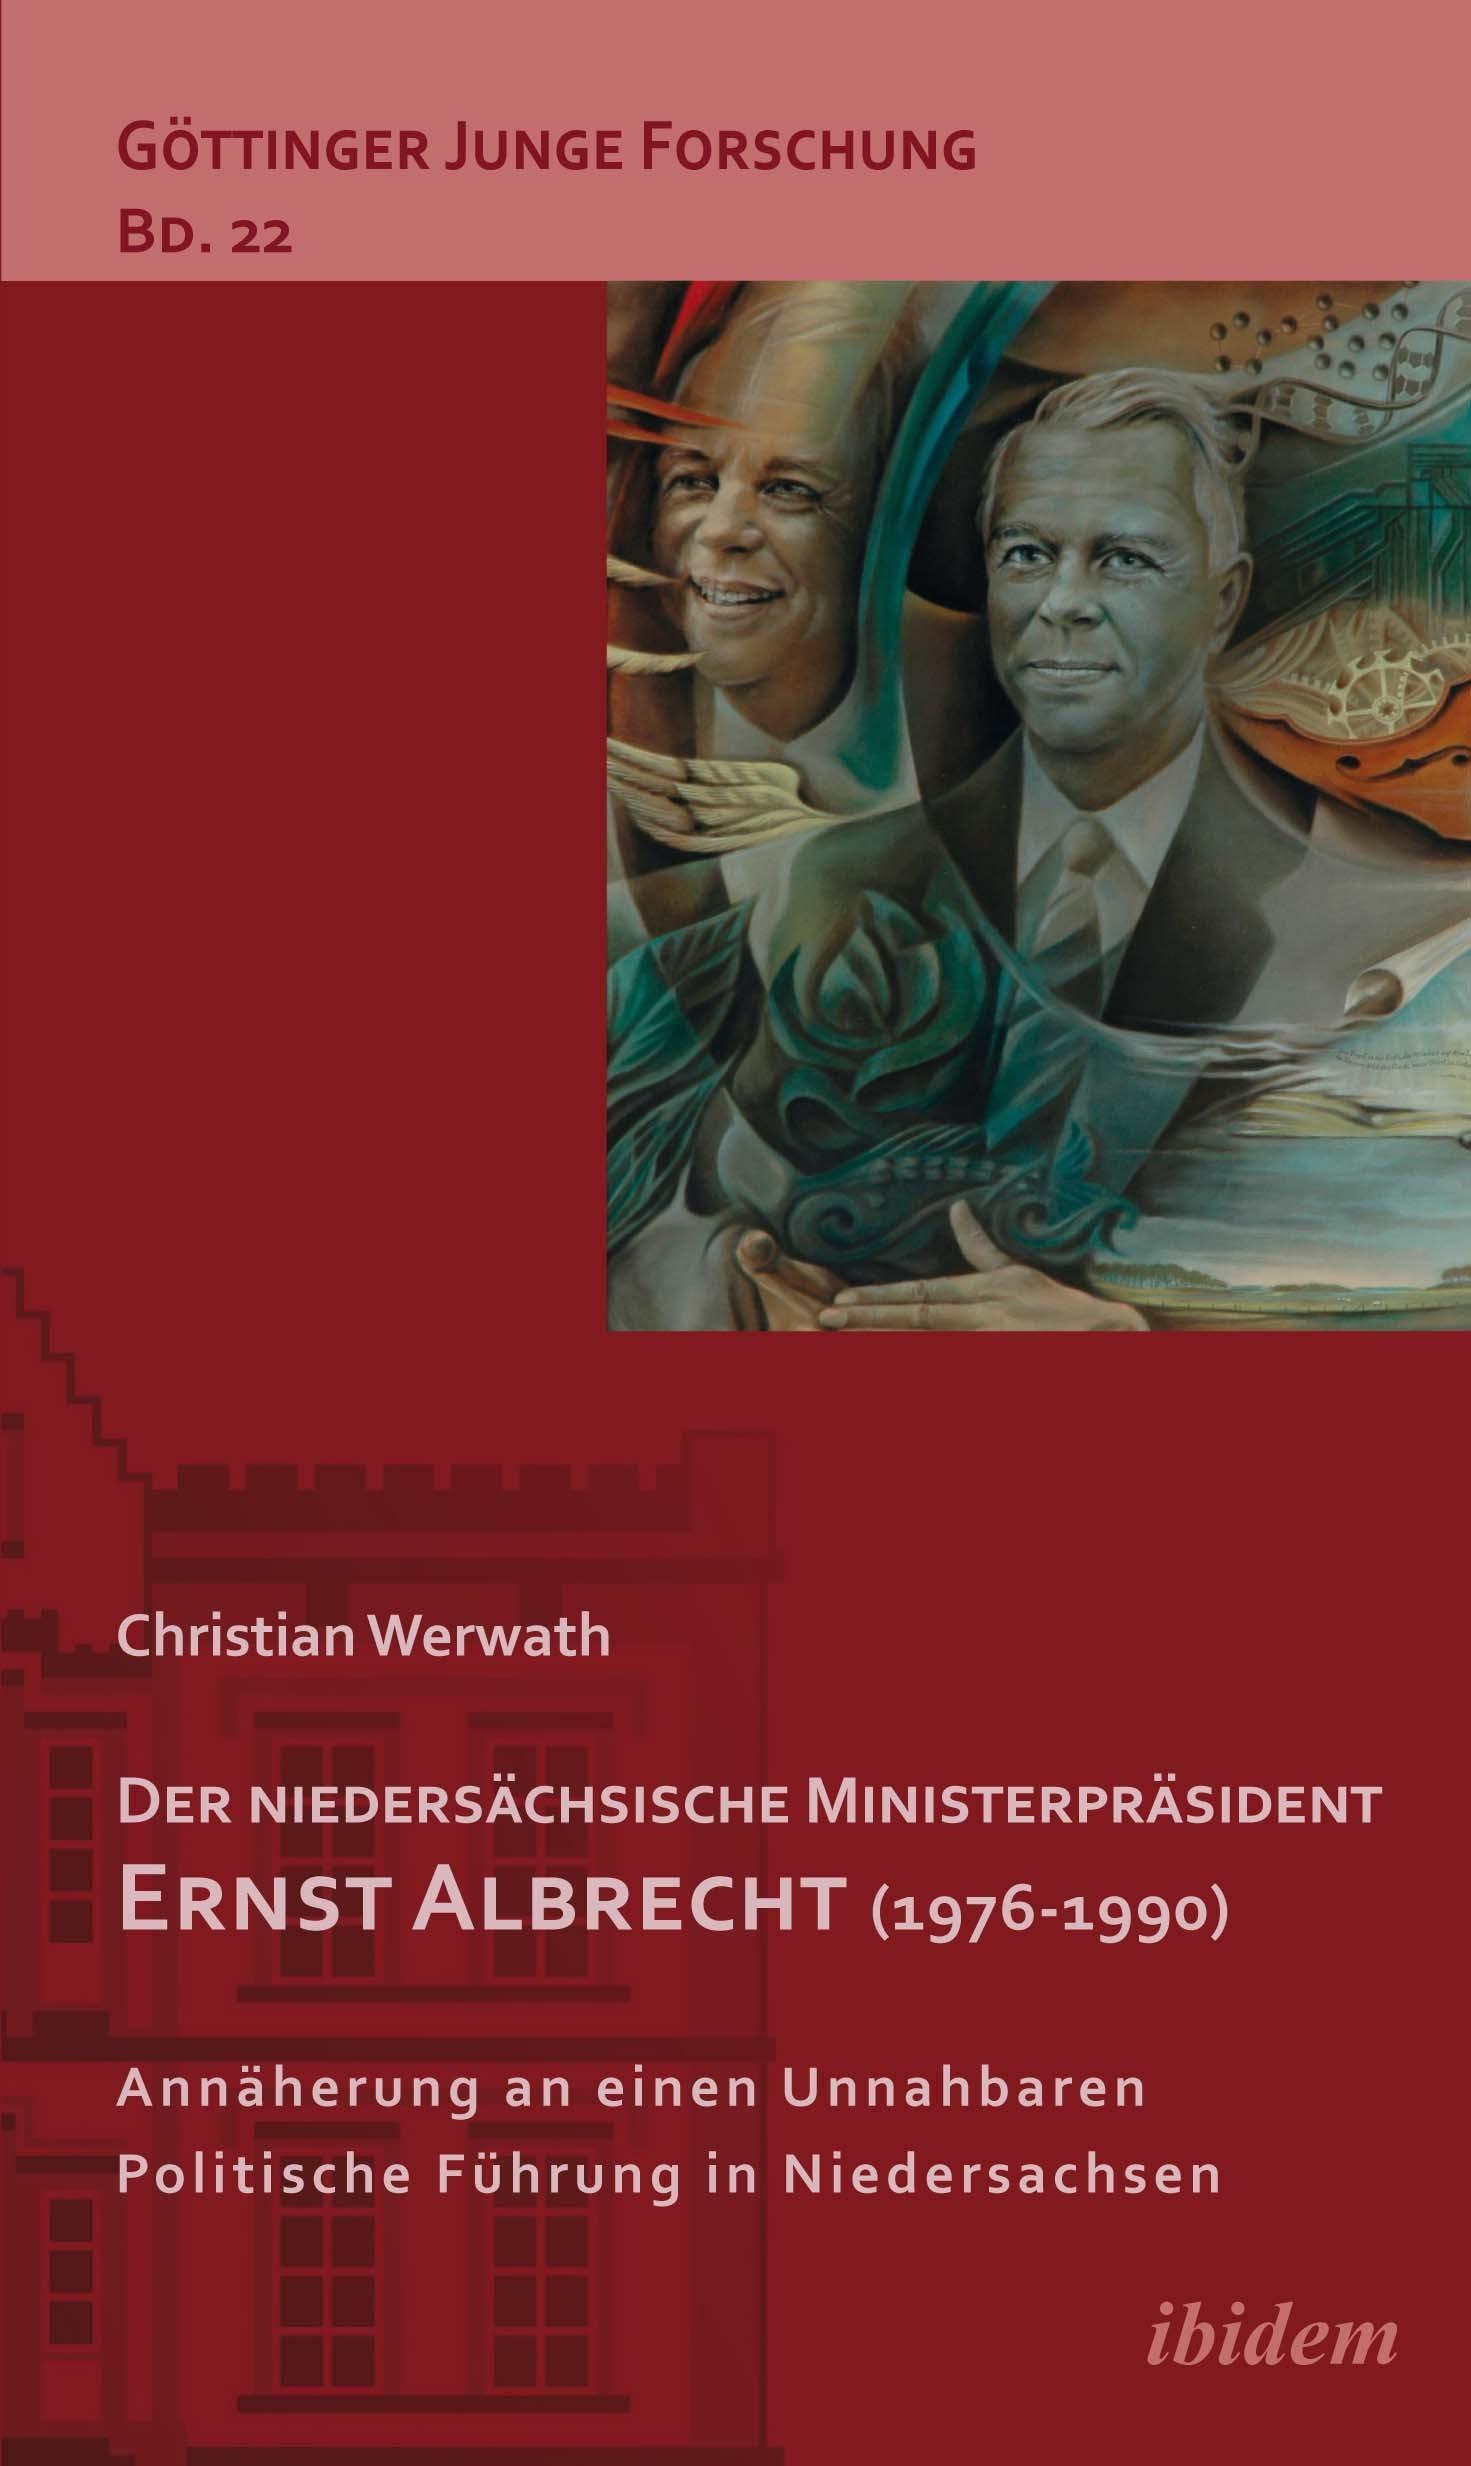 Der niedersächsische Ministerpräsident Ernst Albrecht (1976-1990)